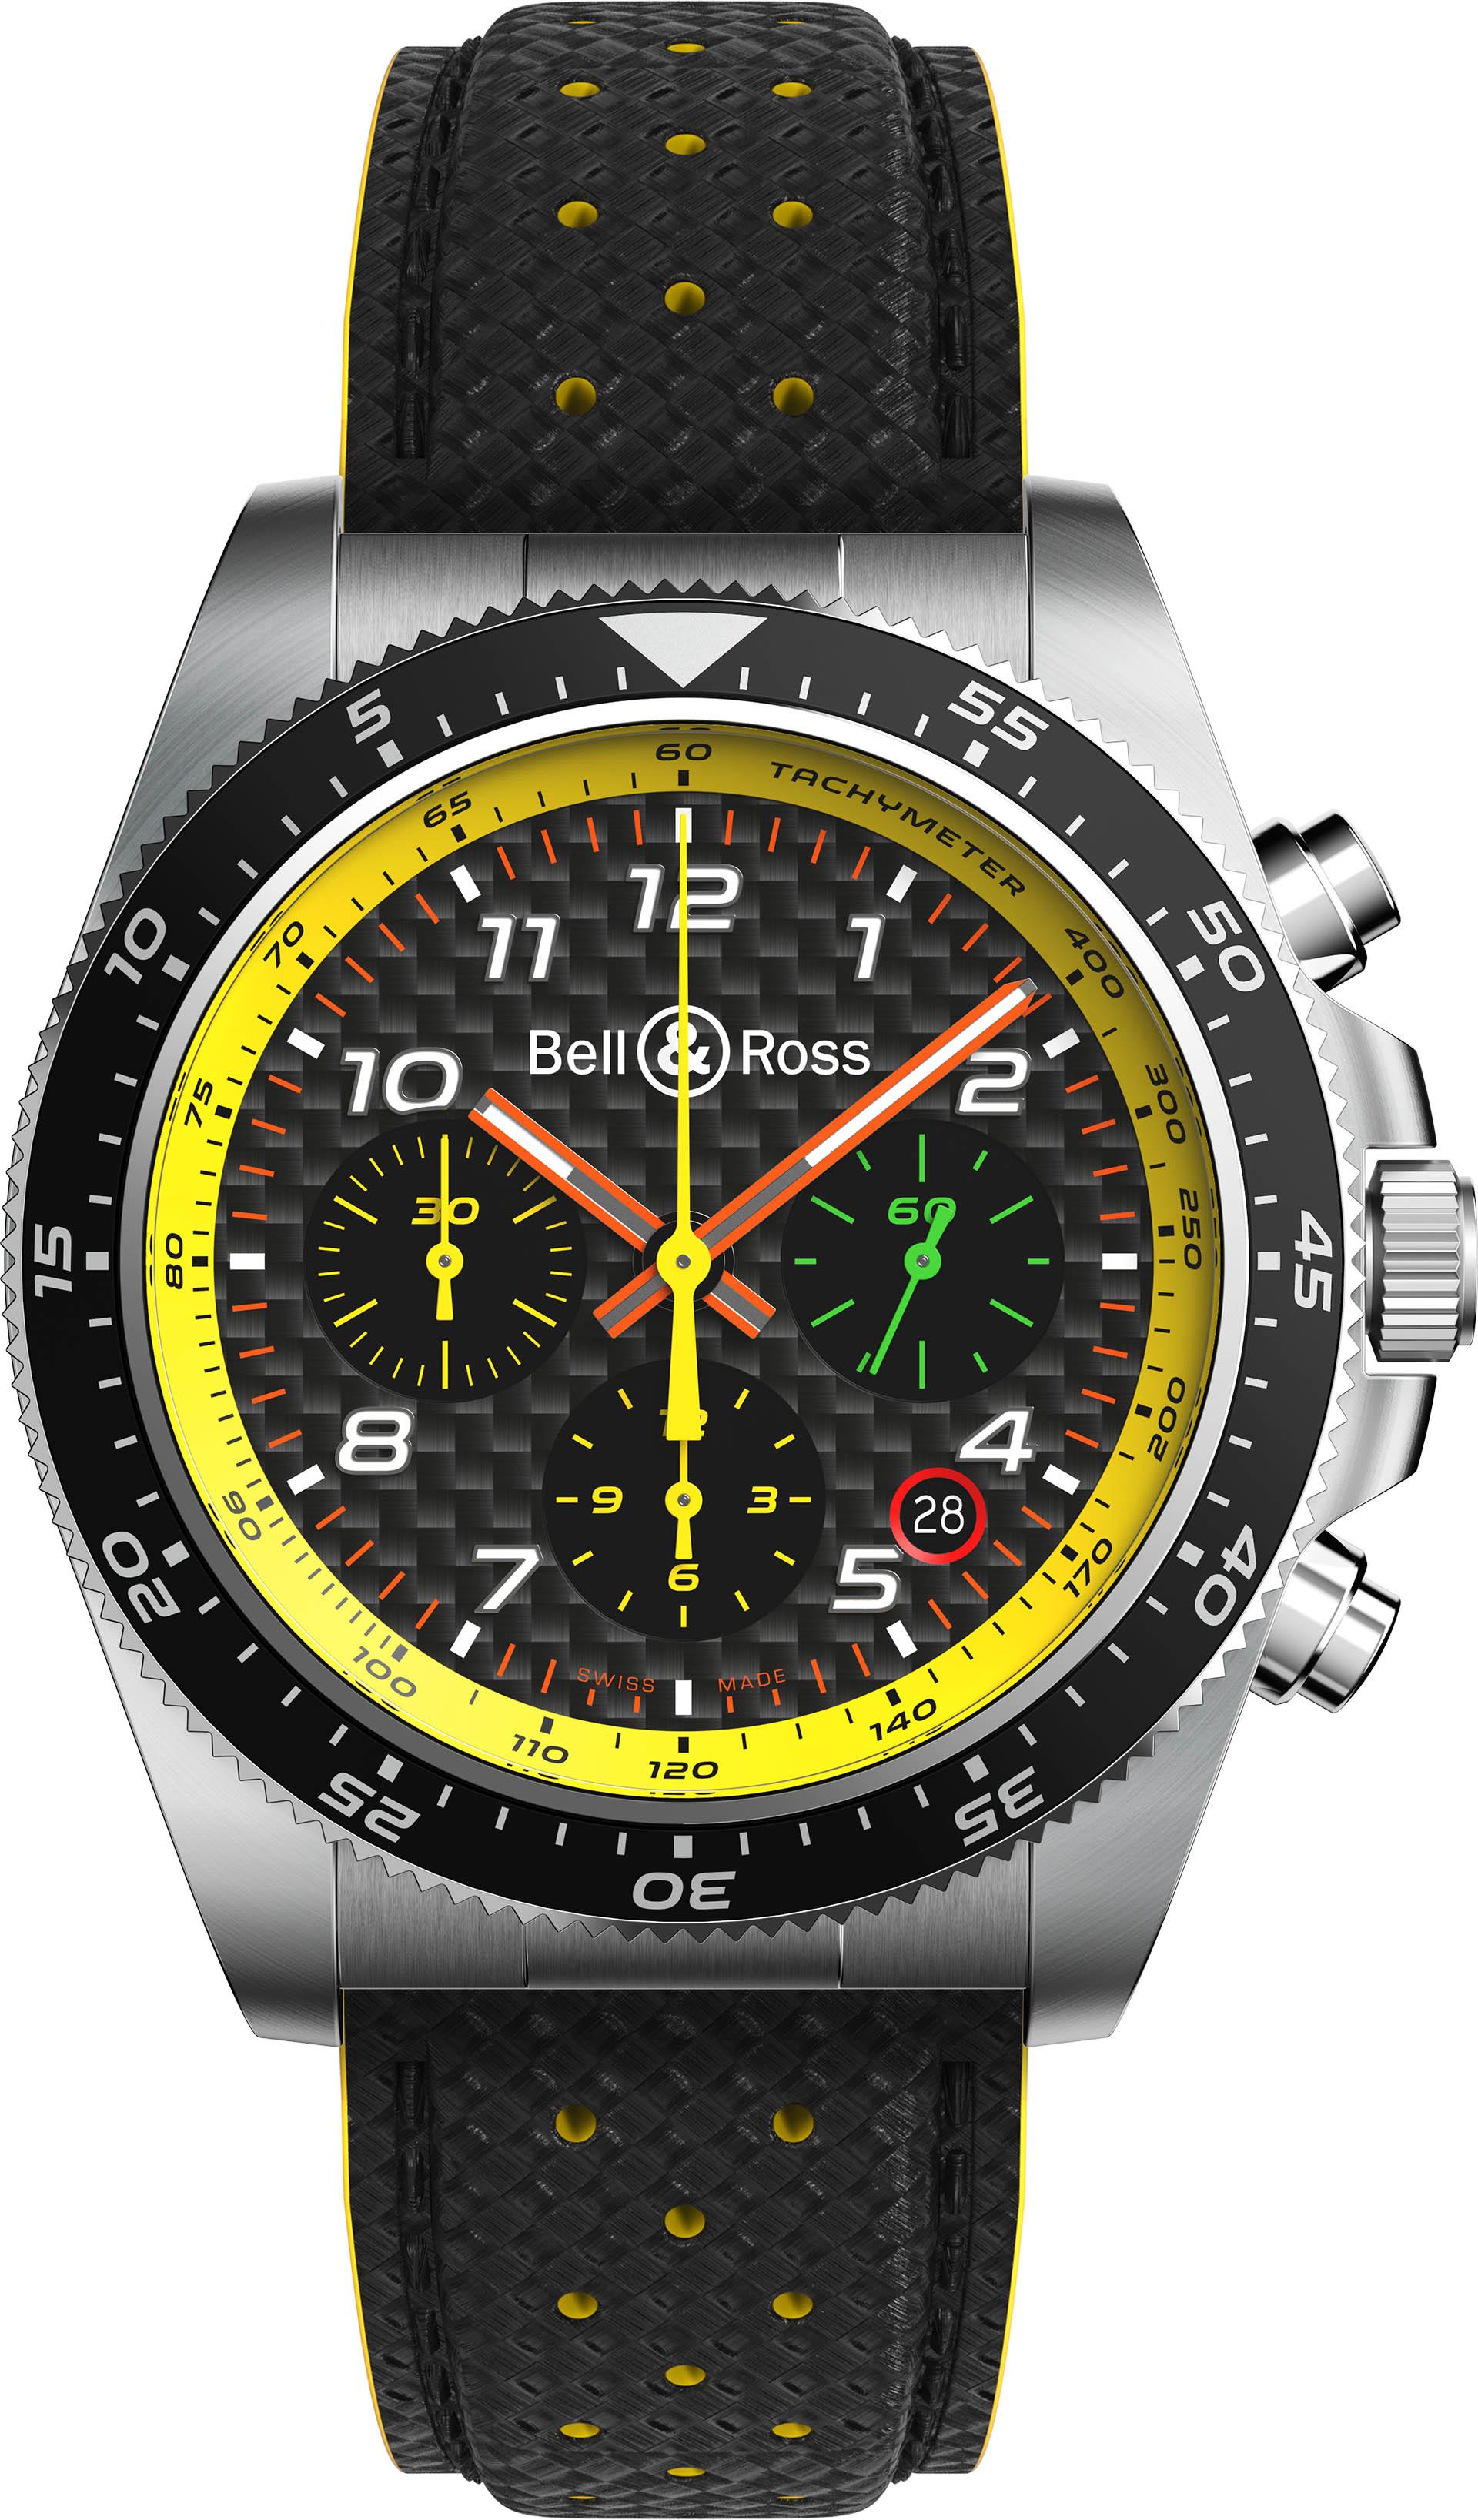 Bell & Ross BR V3-94 R.S. 19 Chronograph